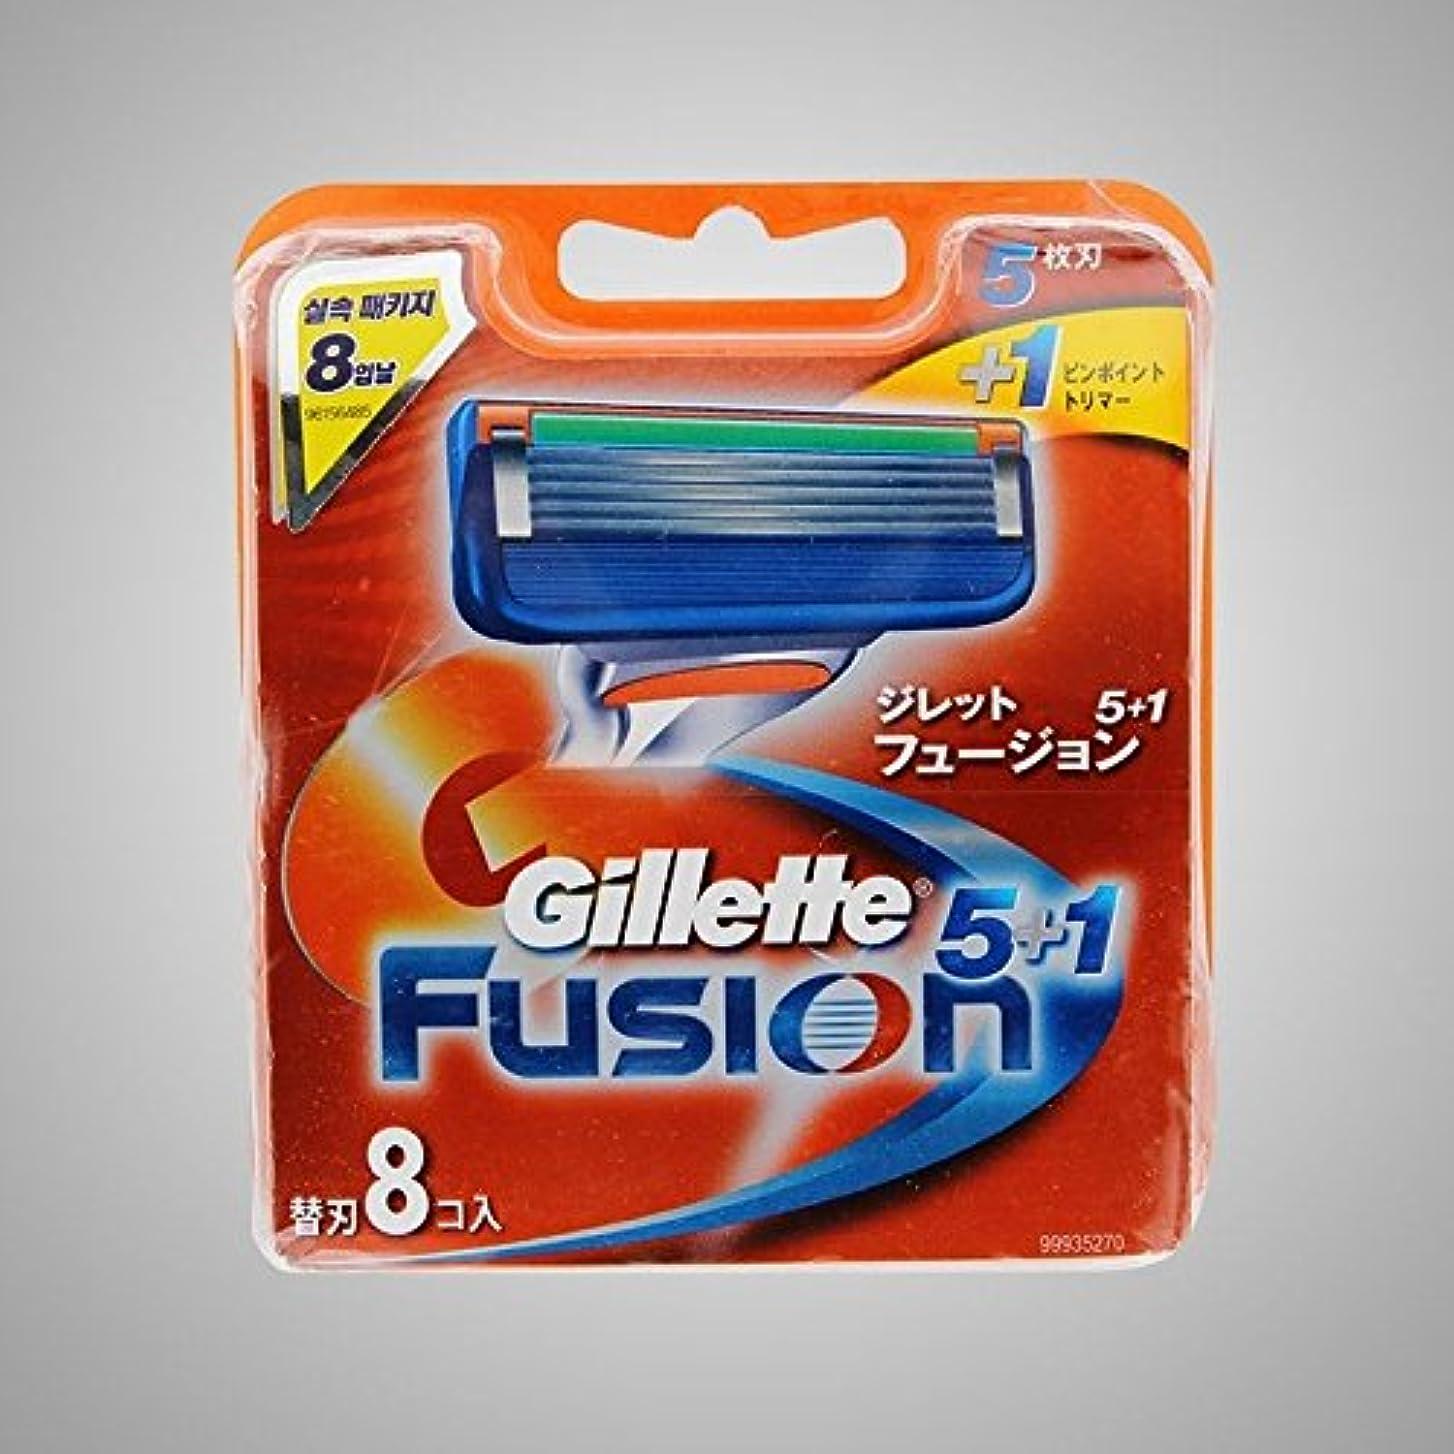 記者どういたしましてアッパーGillette Fusion Manual Razor Blades Refills Safety Razor ドイツ製 8 Pack [並行輸入品]